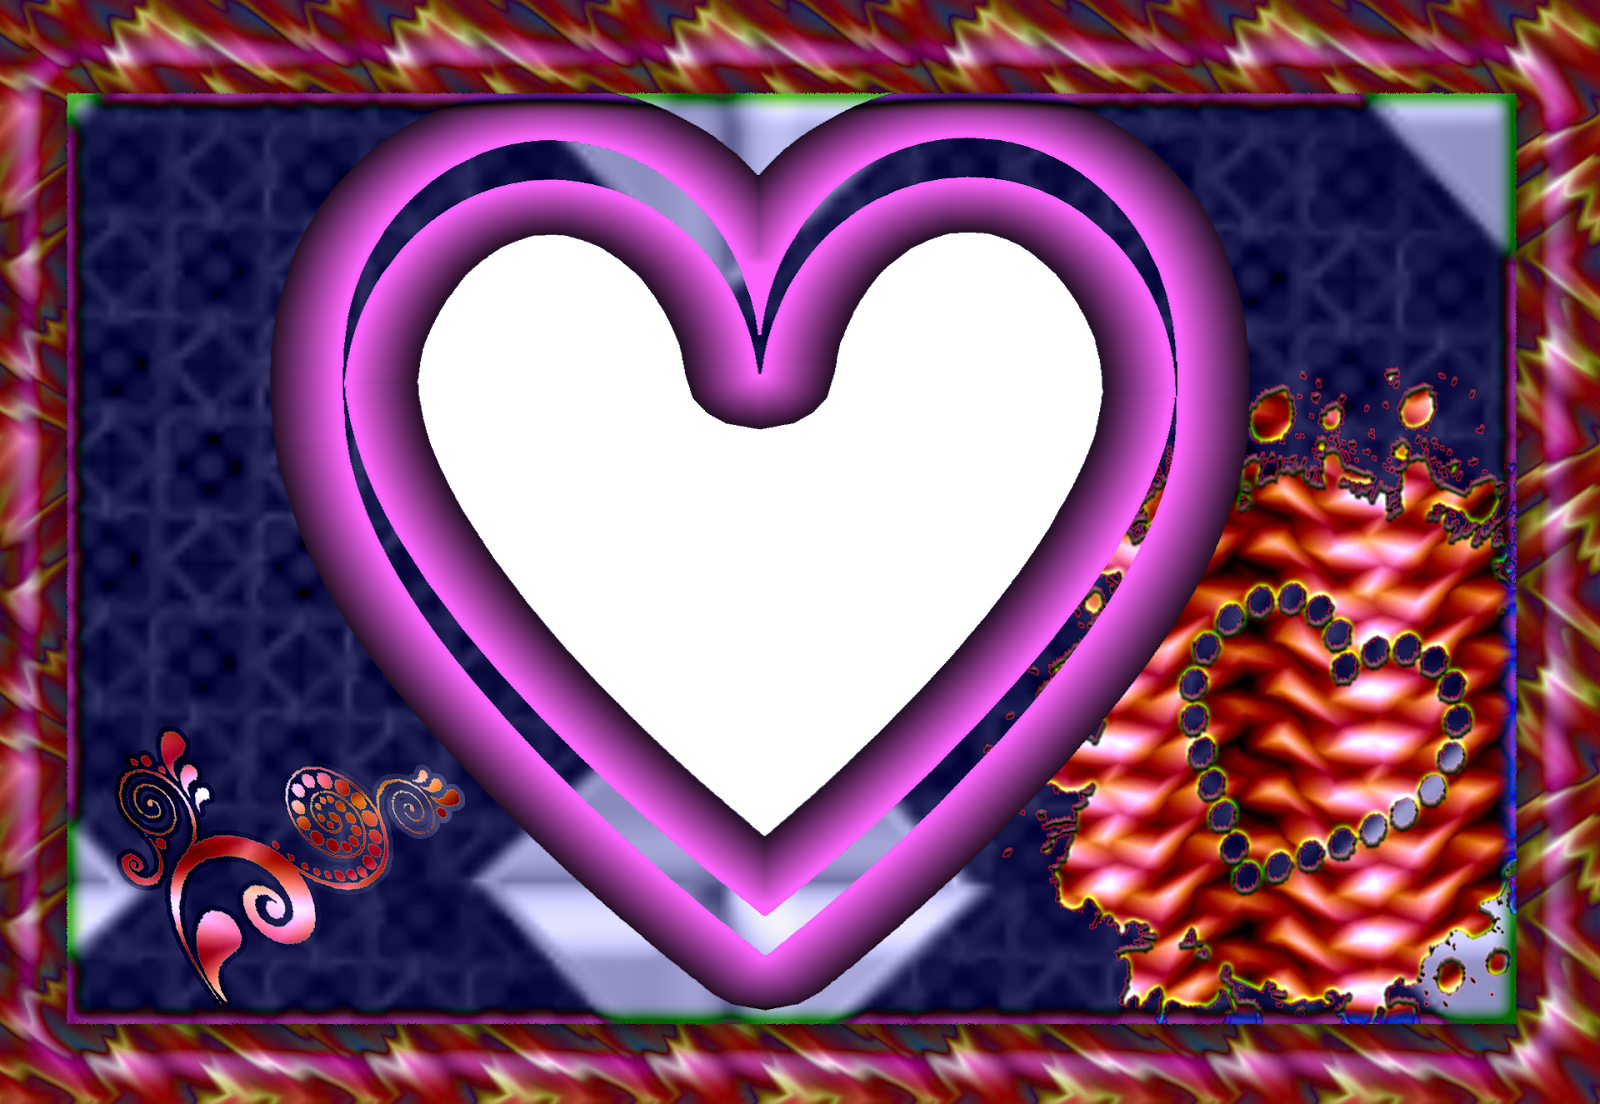 WALPEPAR: My Heart PNG 3 Frame